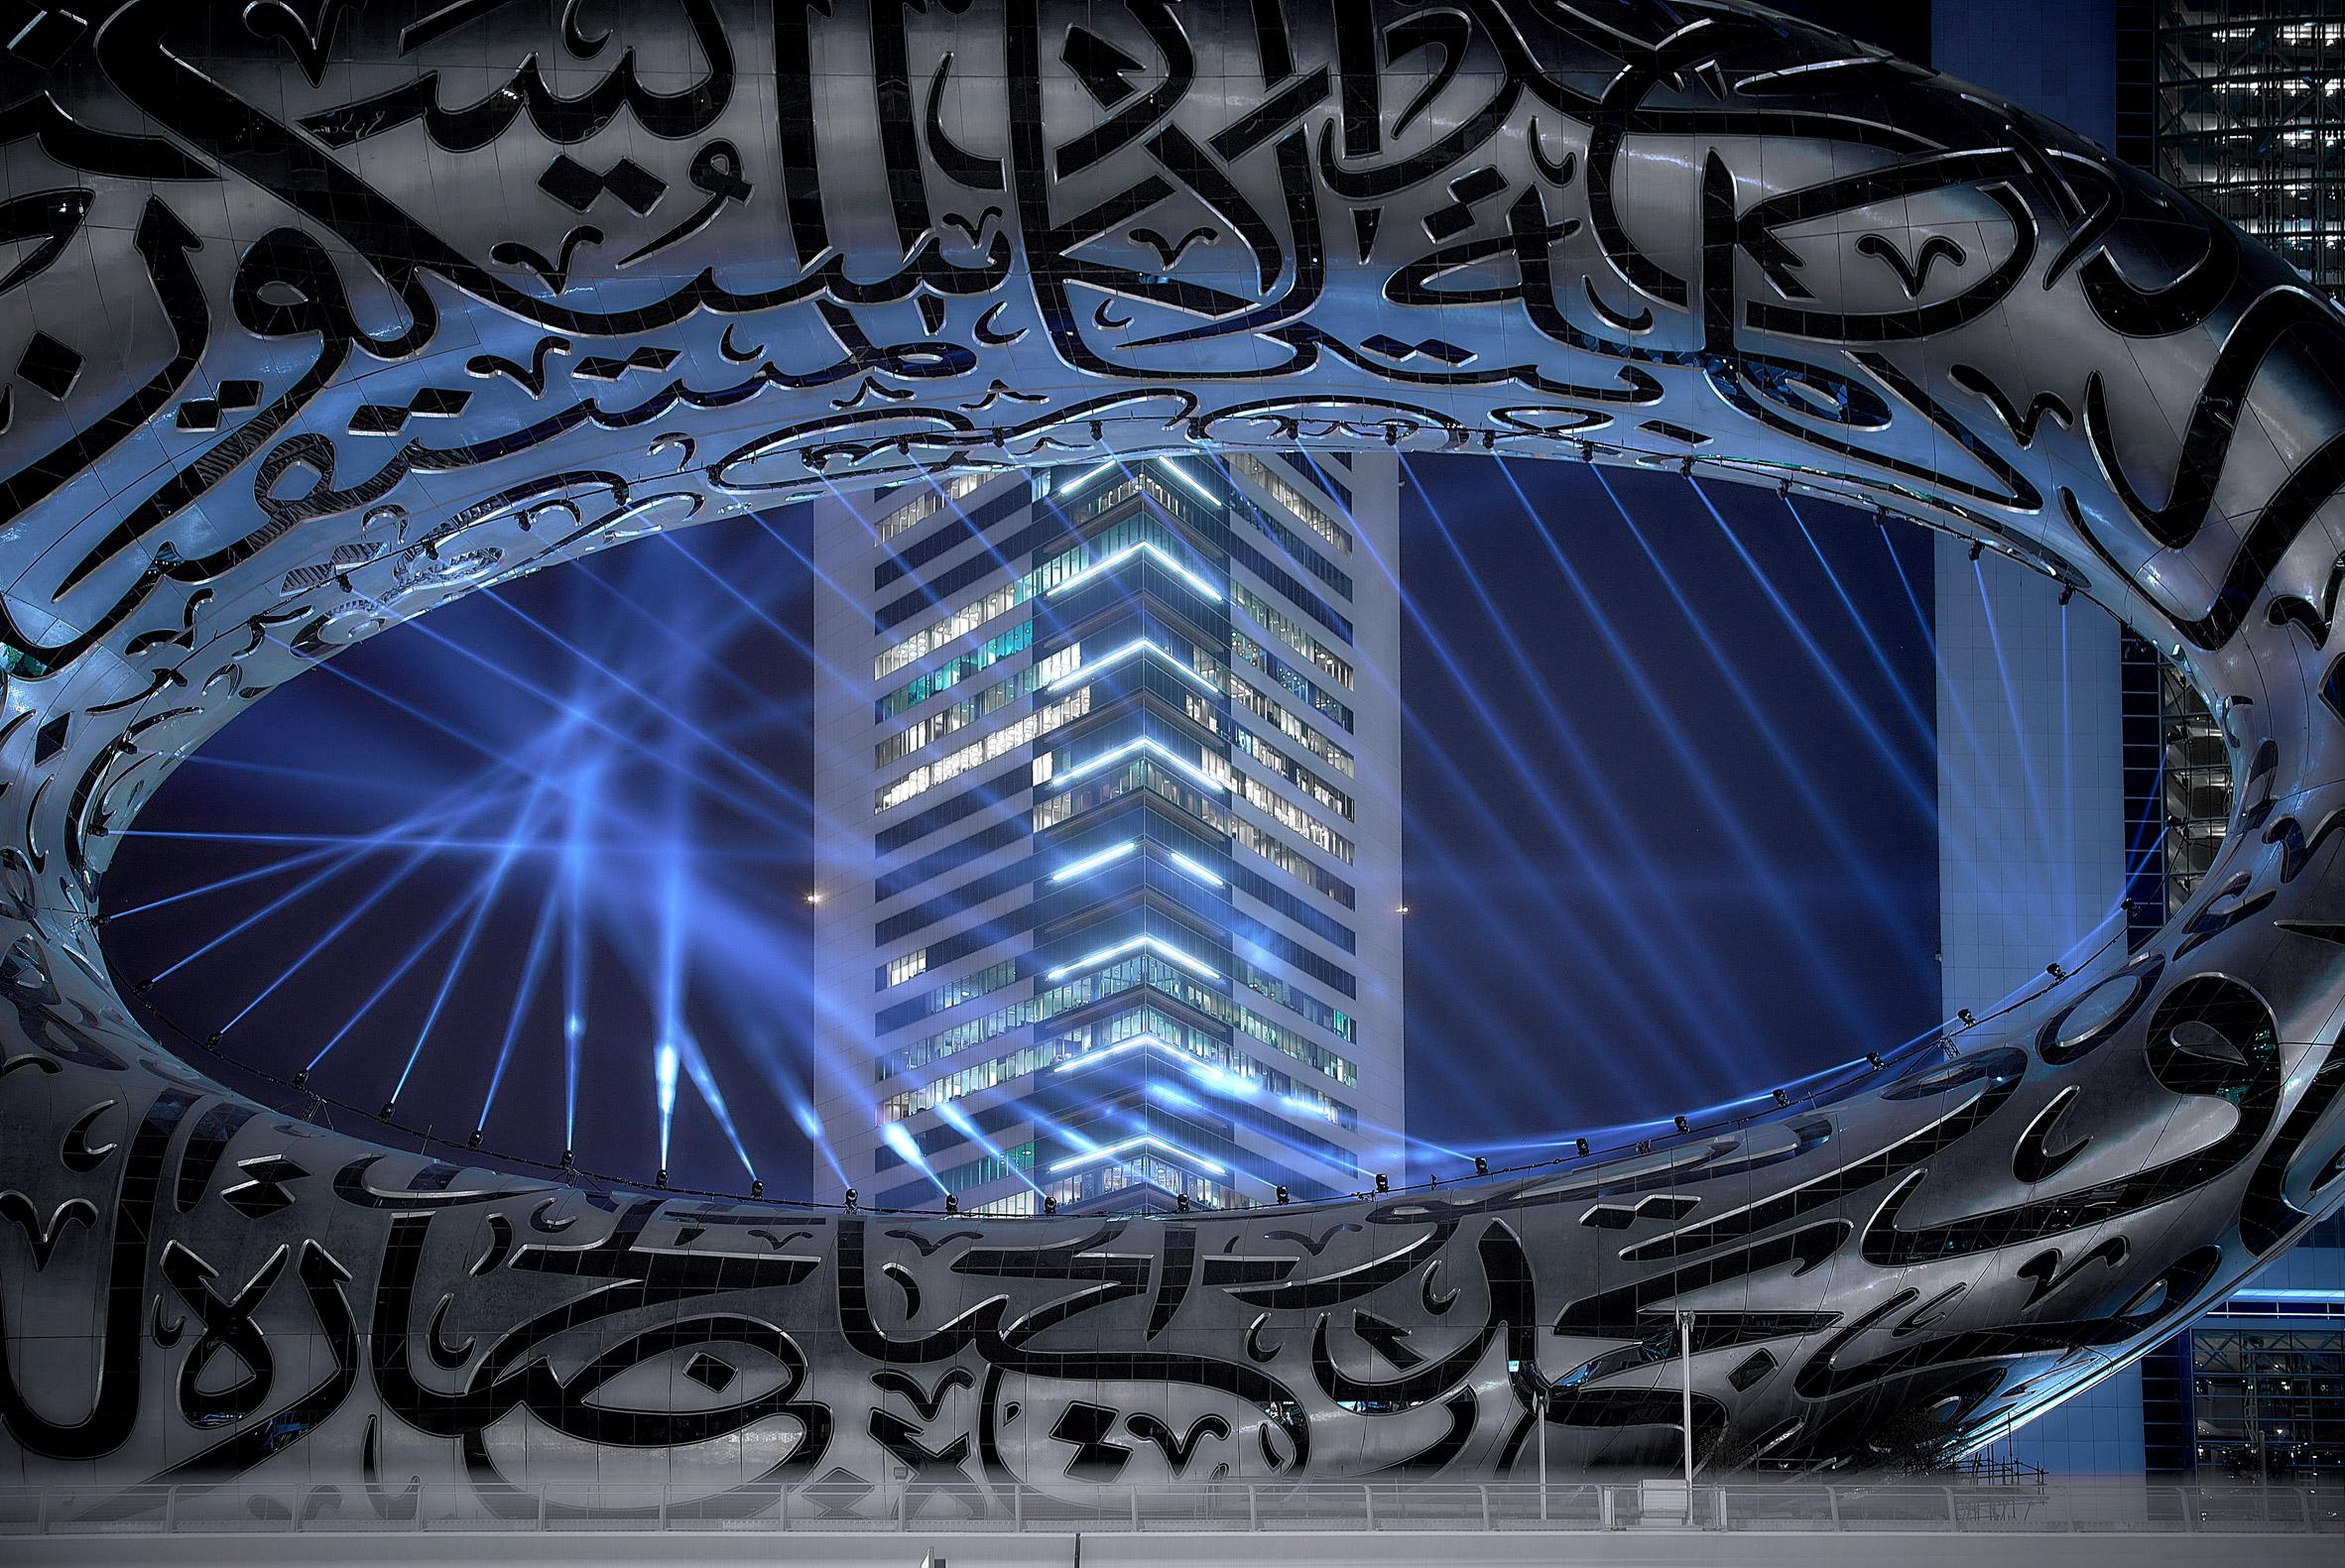 Tòa nhà nhằm khuyến khích thiết kế kỹ thuật số